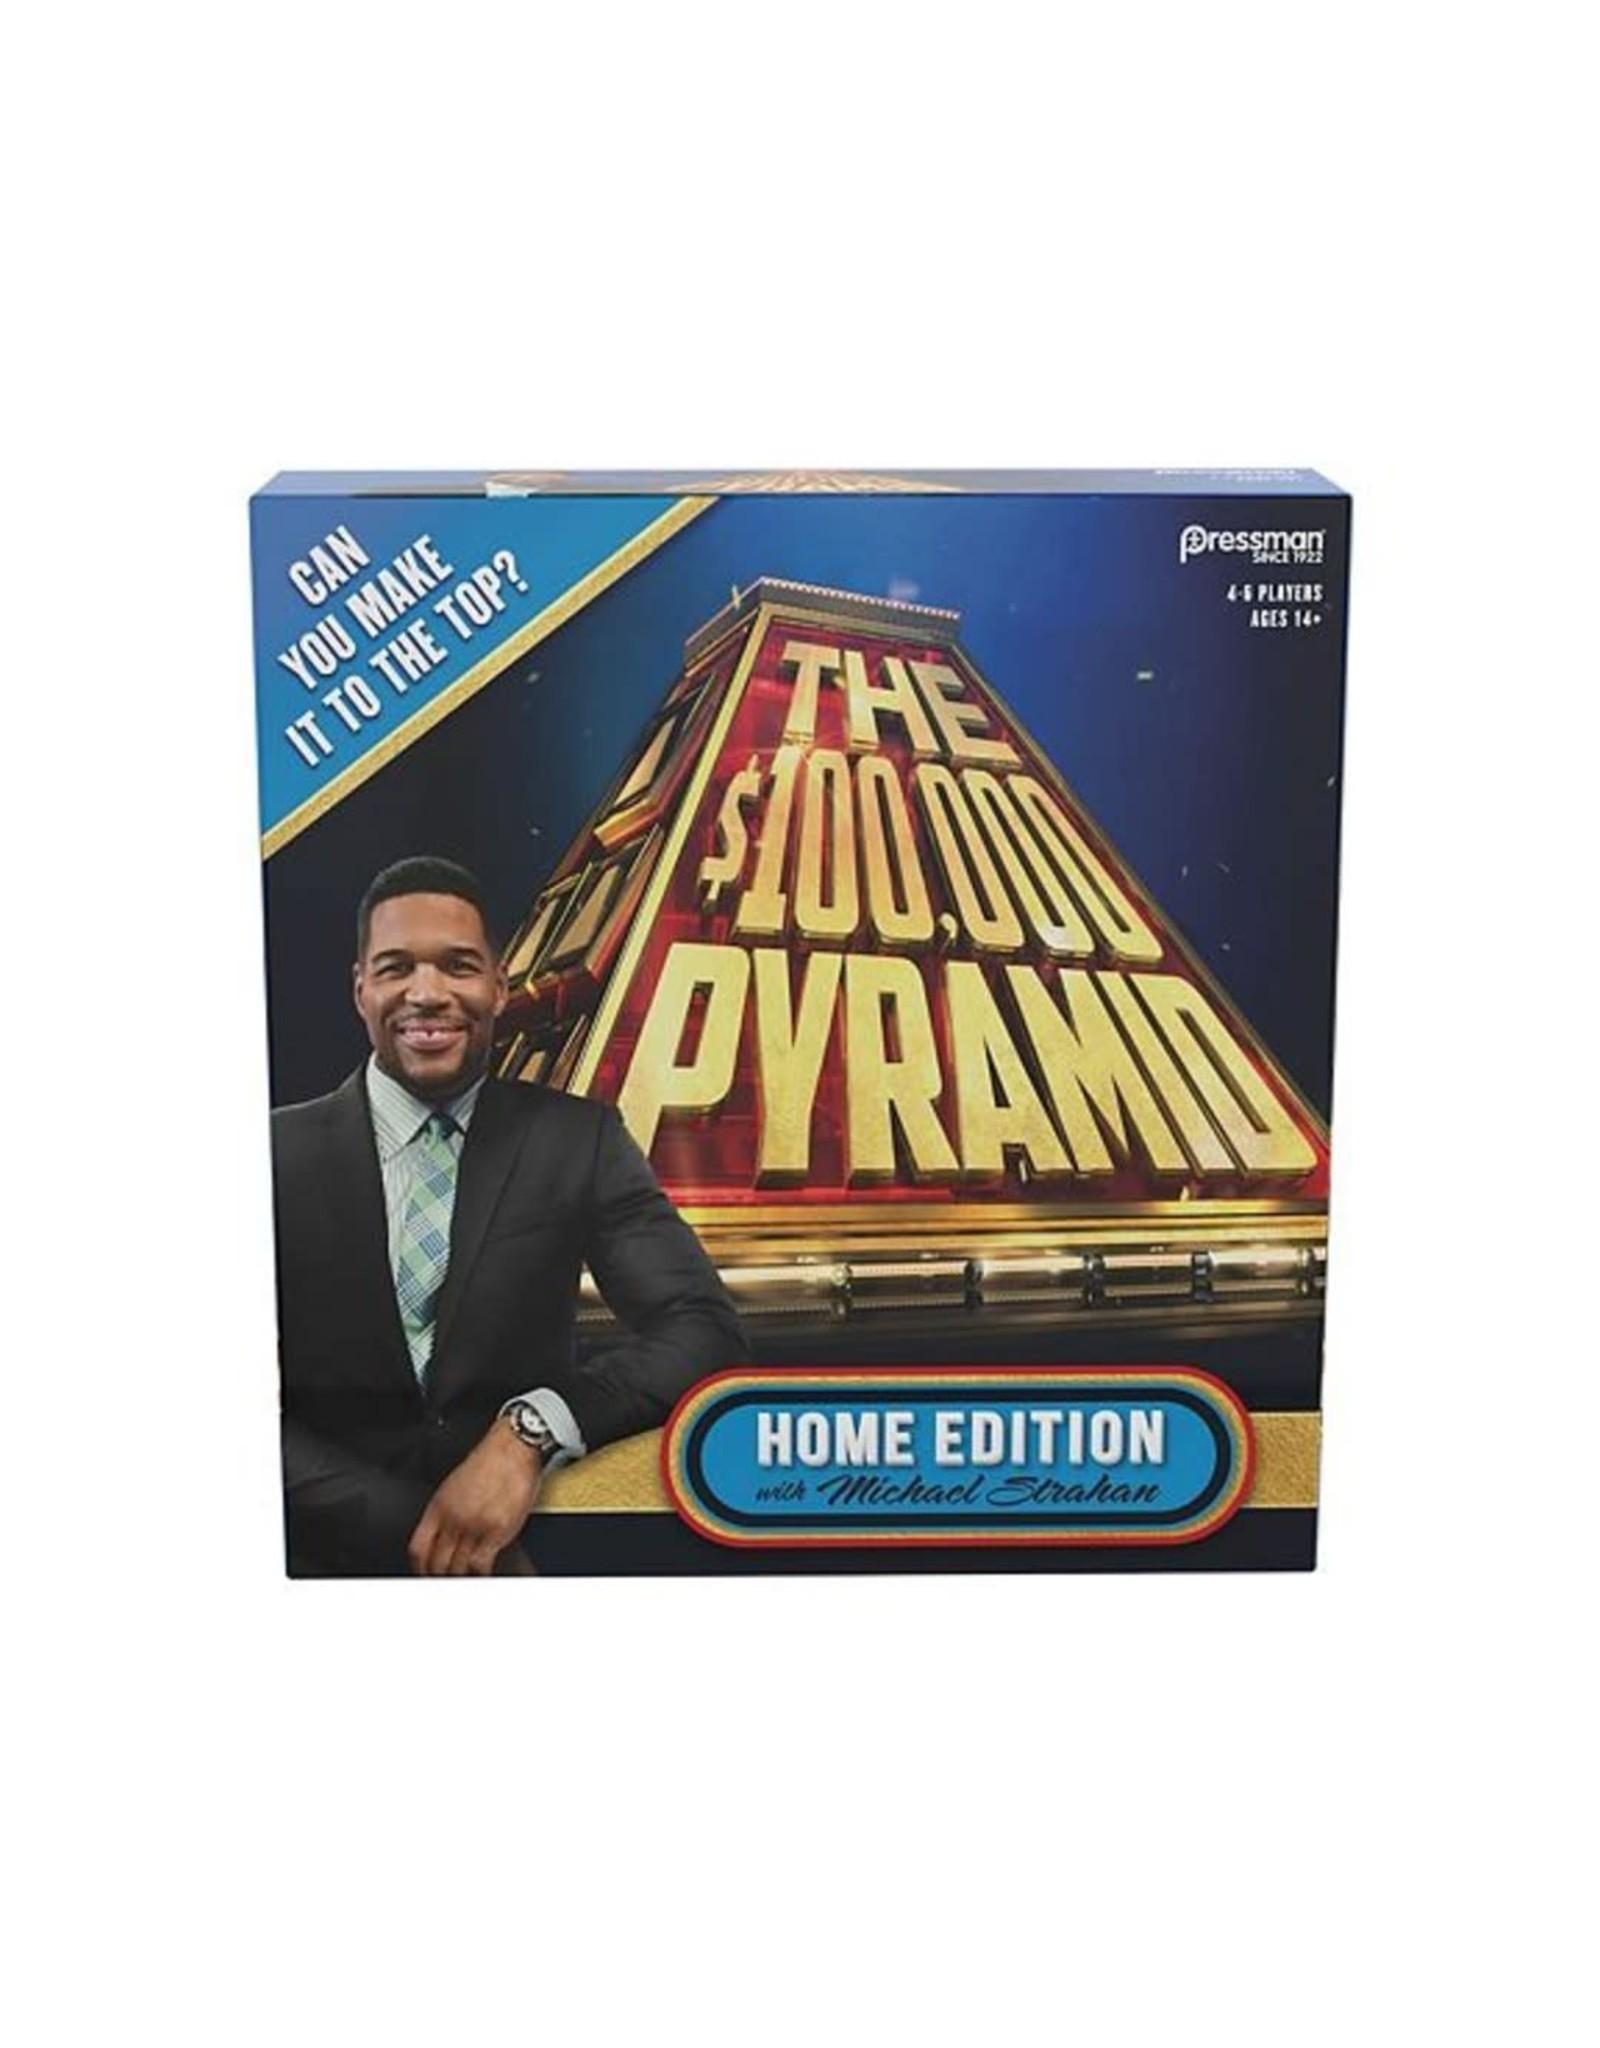 Goliath $100,000 Pyramid